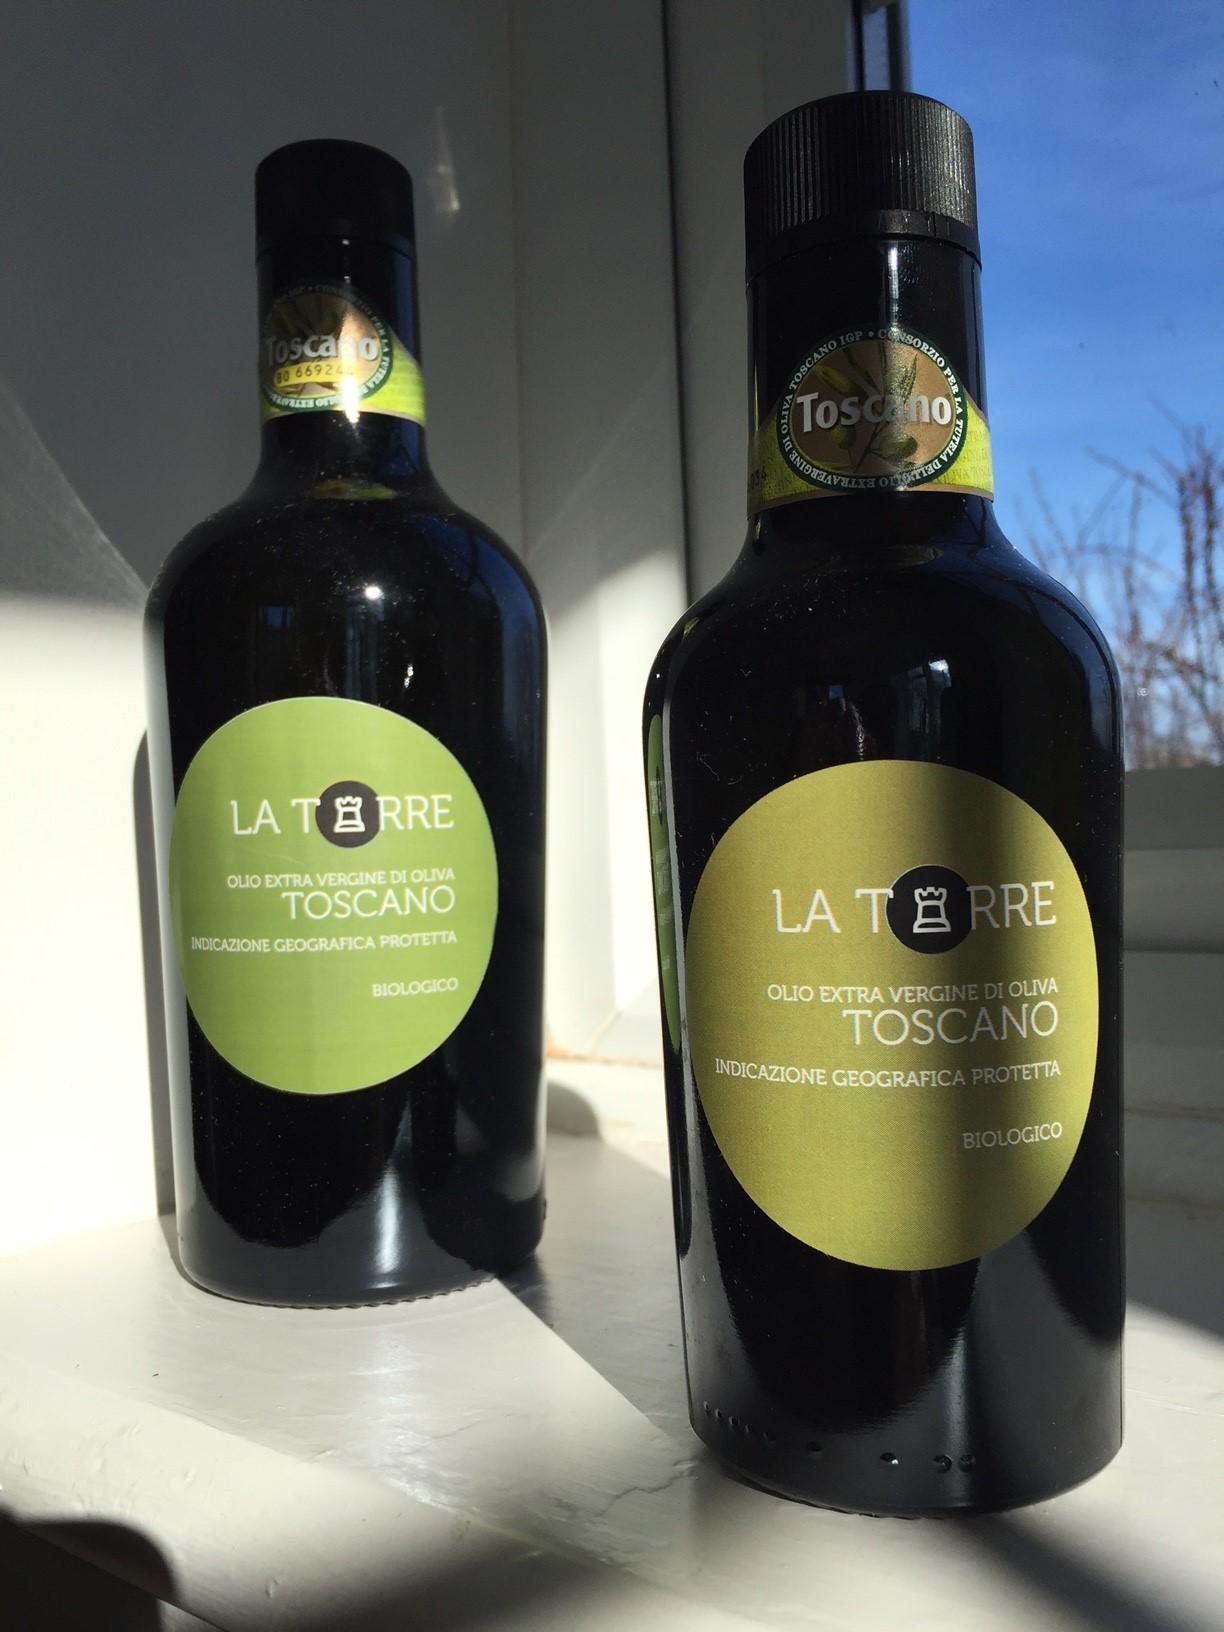 La Torre oils from Arezzo